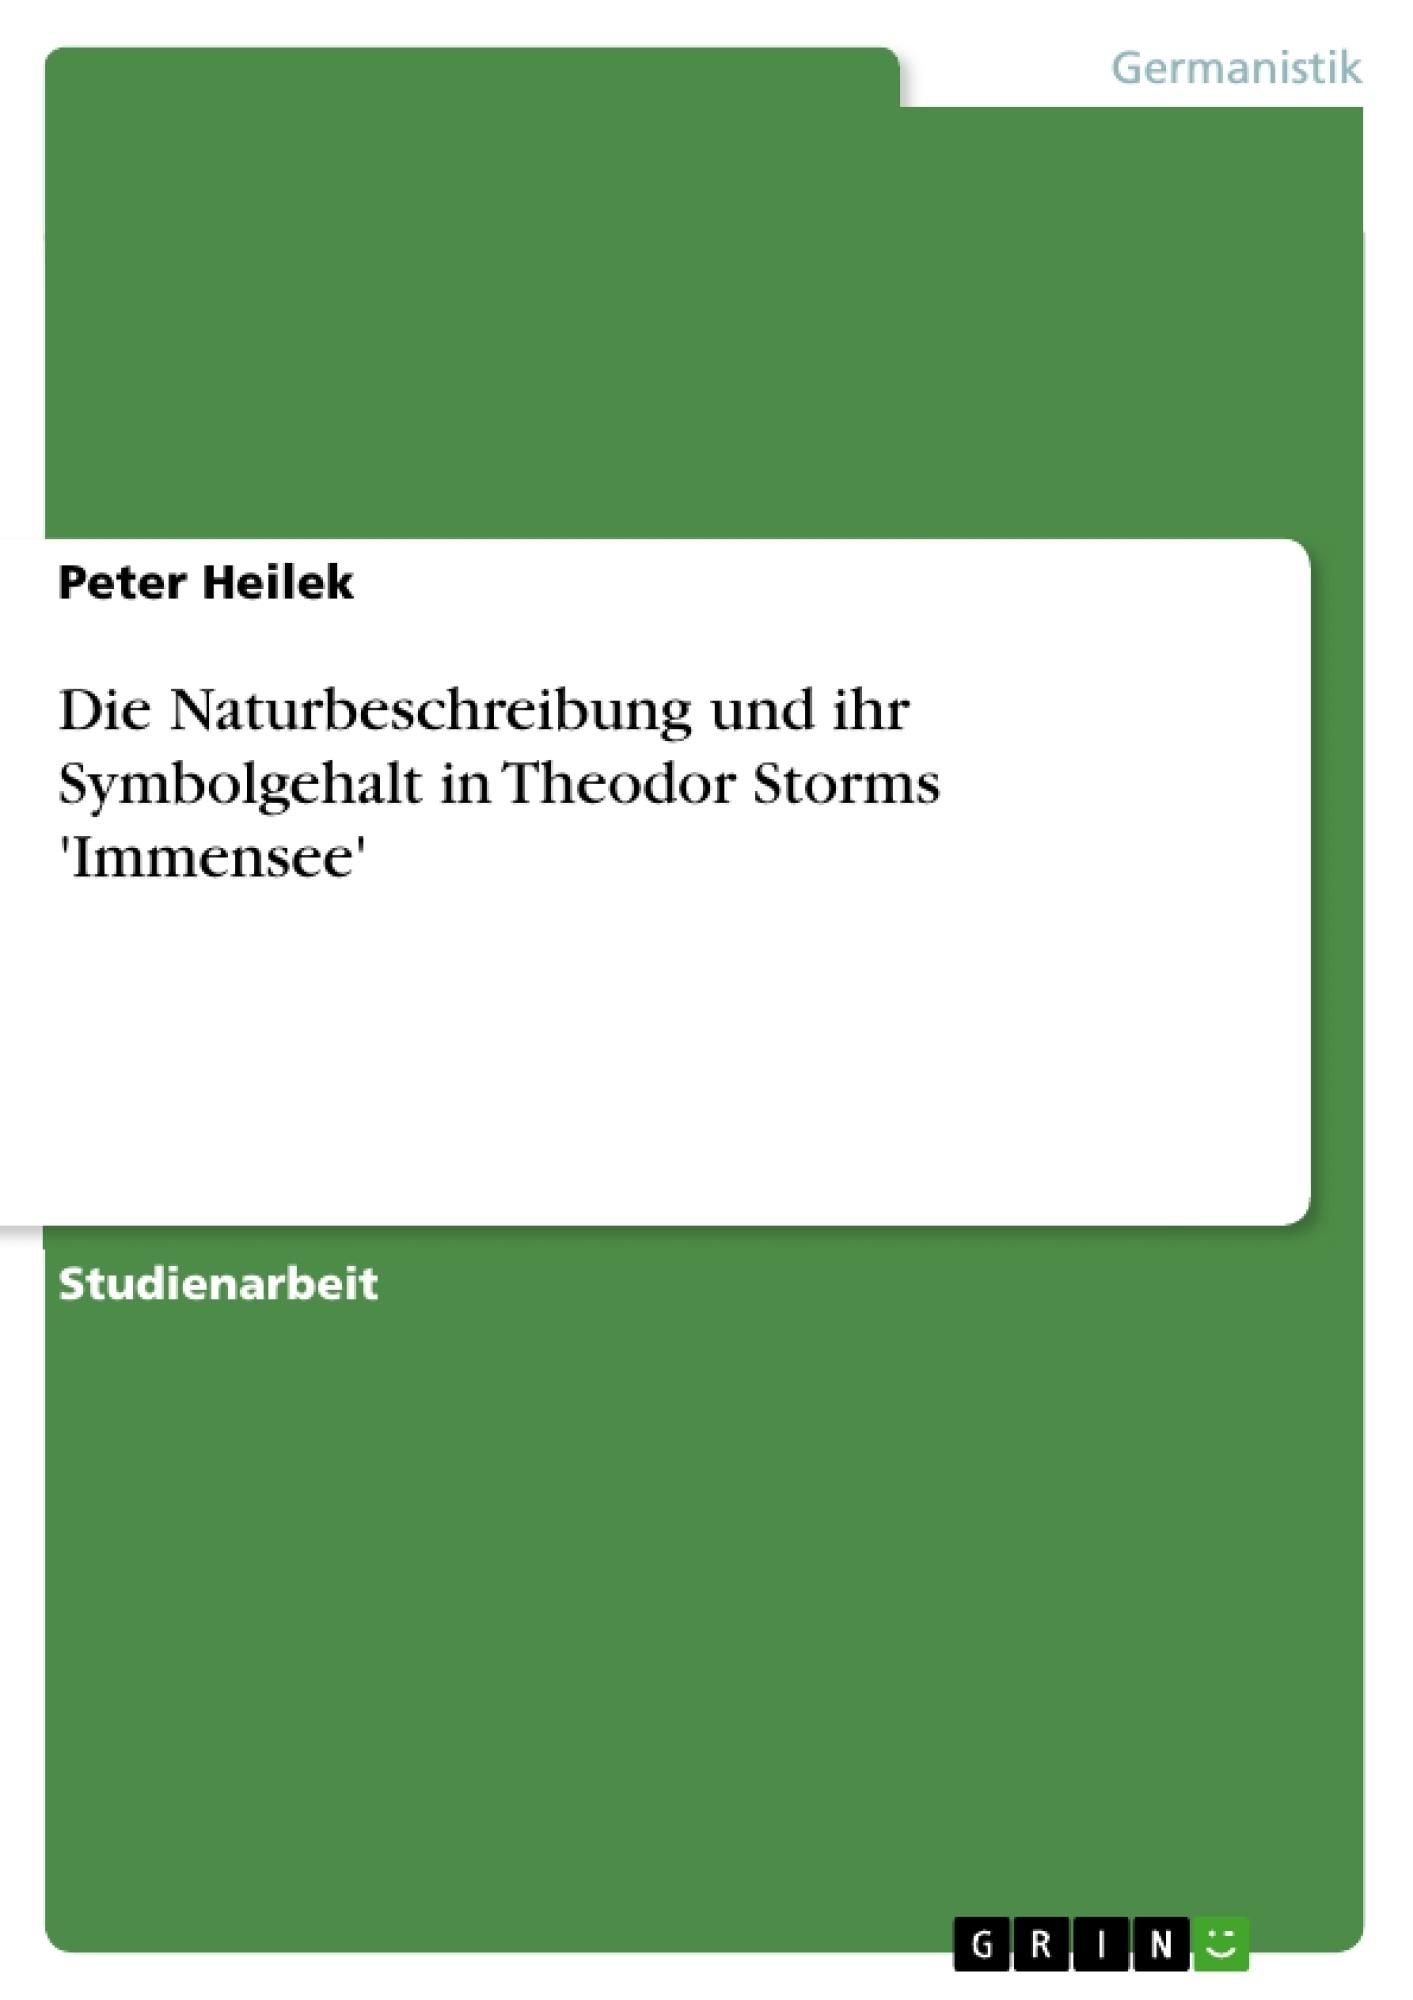 Titel: Die Naturbeschreibung und ihr Symbolgehalt in Theodor Storms 'Immensee'